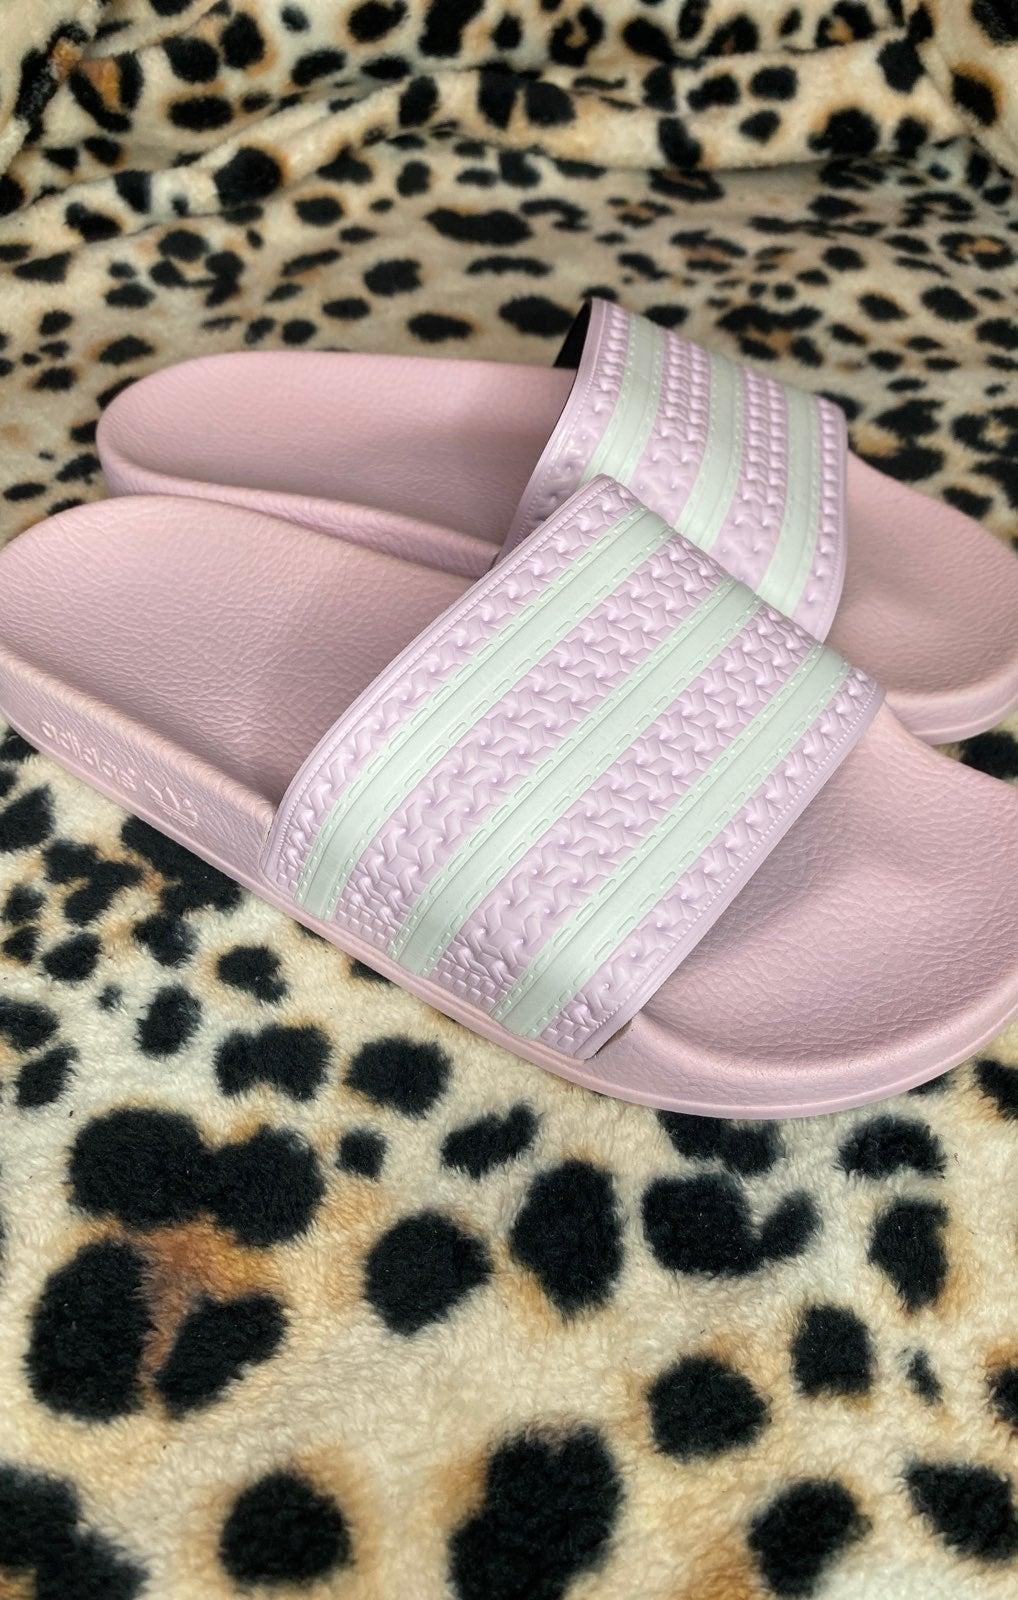 Adidas adilette boy size sandals